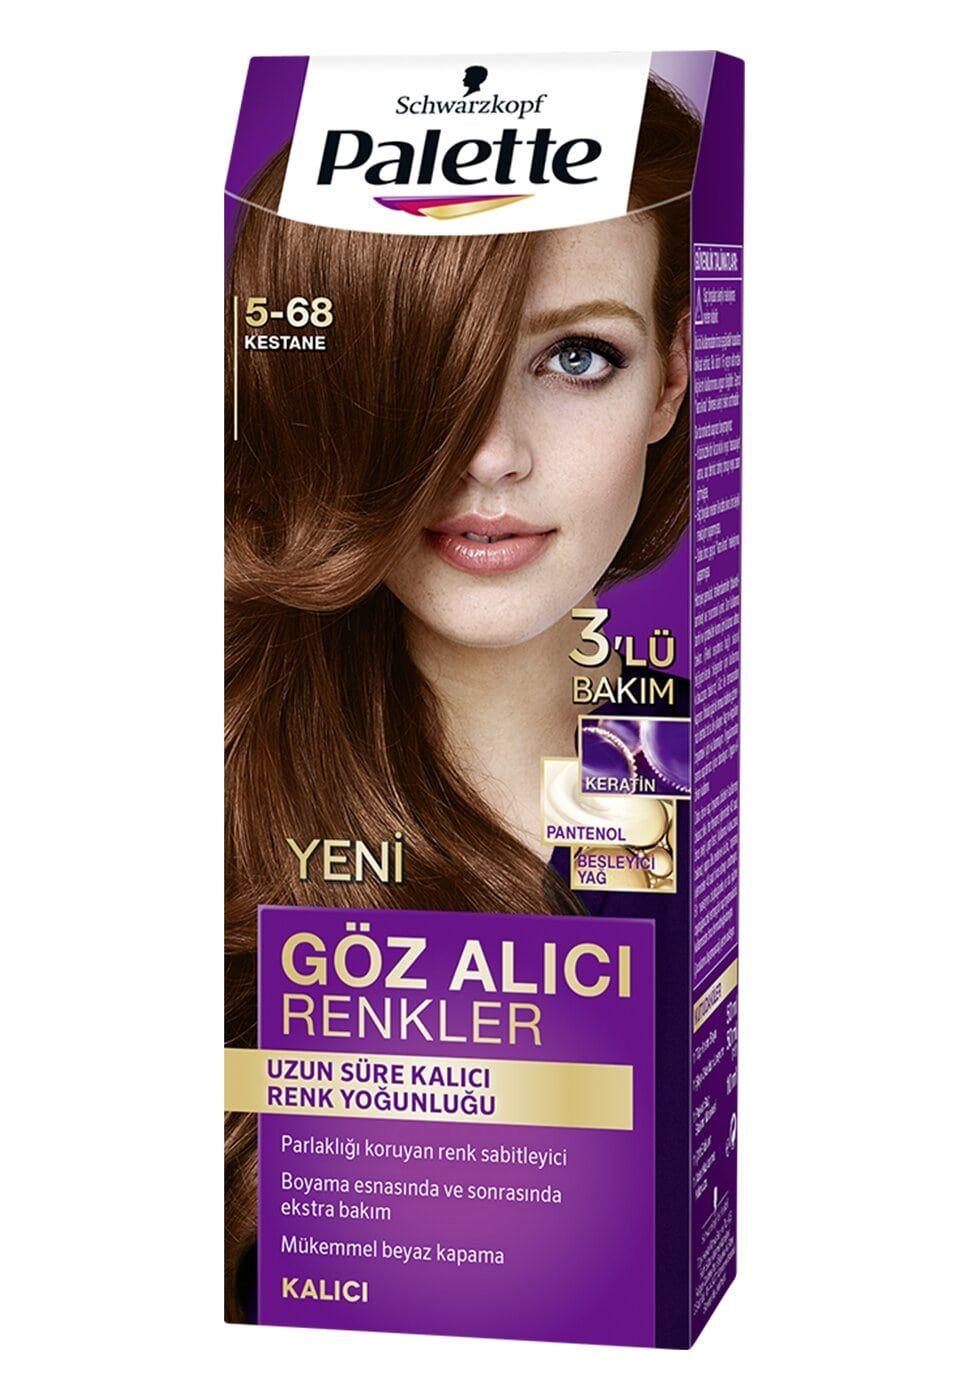 Schwarzkopf Palette Yogun Goz Alici Renkler Sac Boyasi 5 68 Kestane 2020 Sac Boyasi Sac Palet